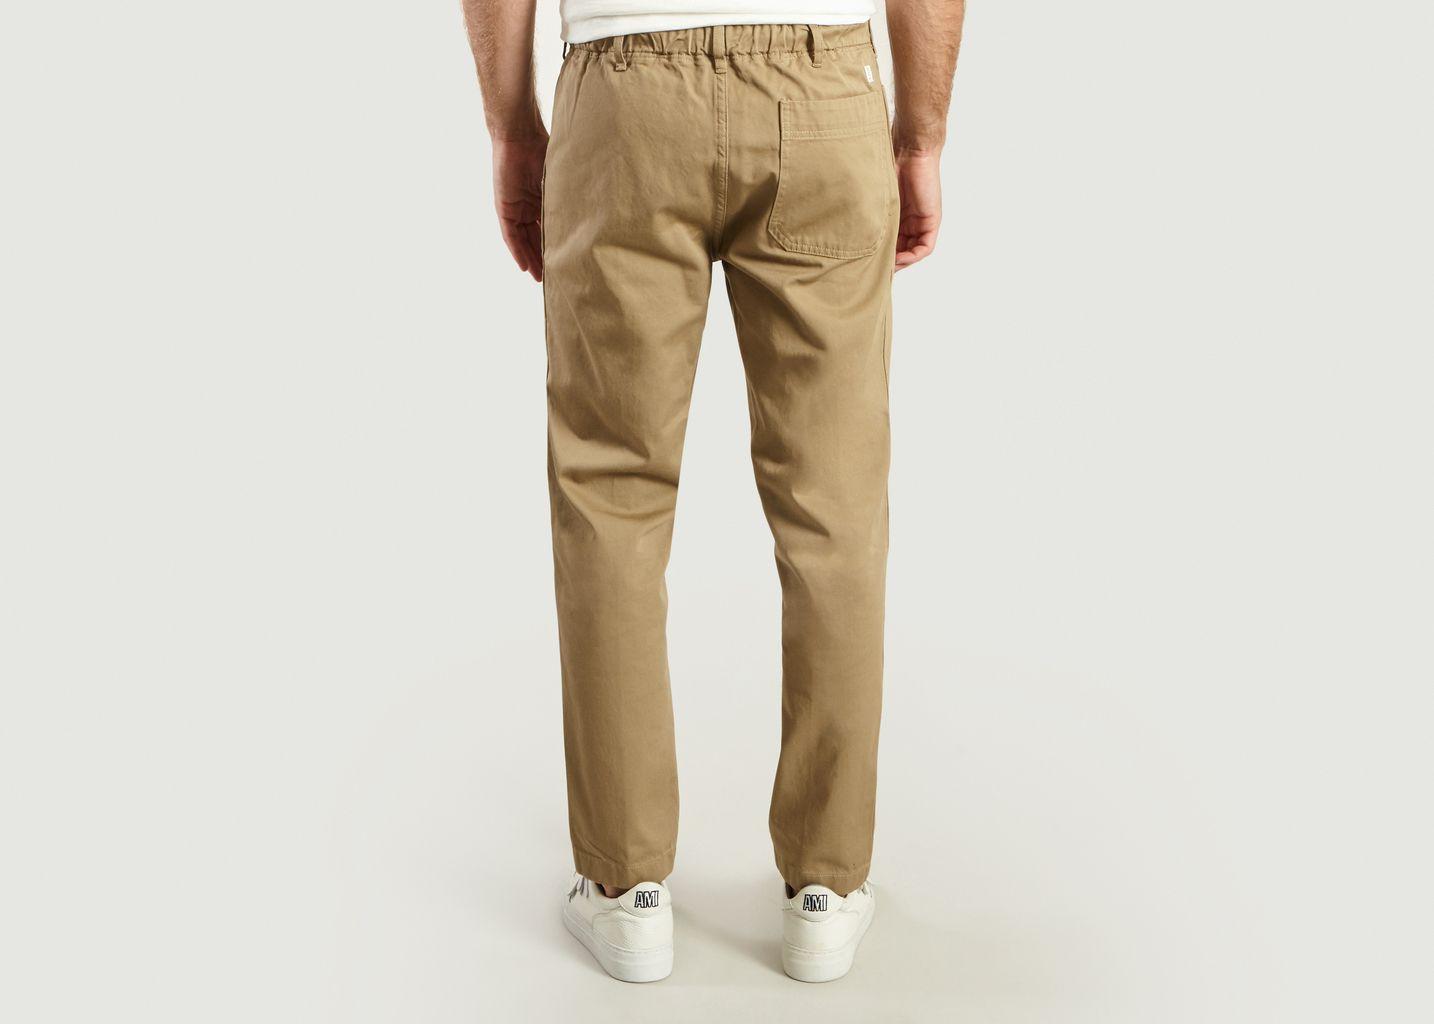 Pantalon Chino - Closed